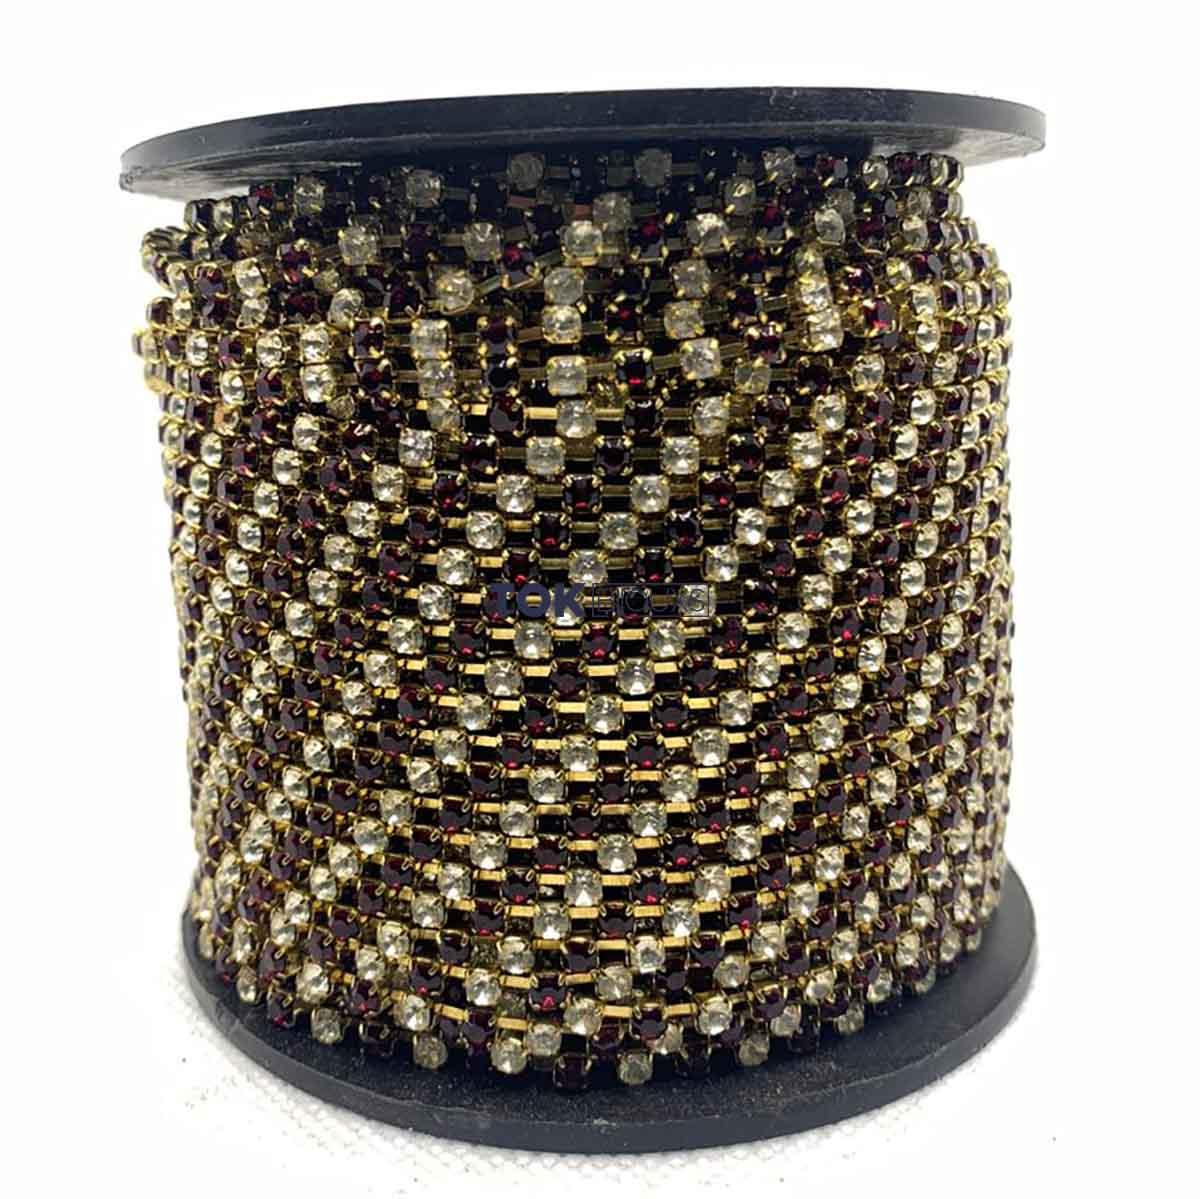 Atacado -  Corrente De Strass  SS12 - Corrente Dourado C/ Pedra Cristal e Vermelho - 50m